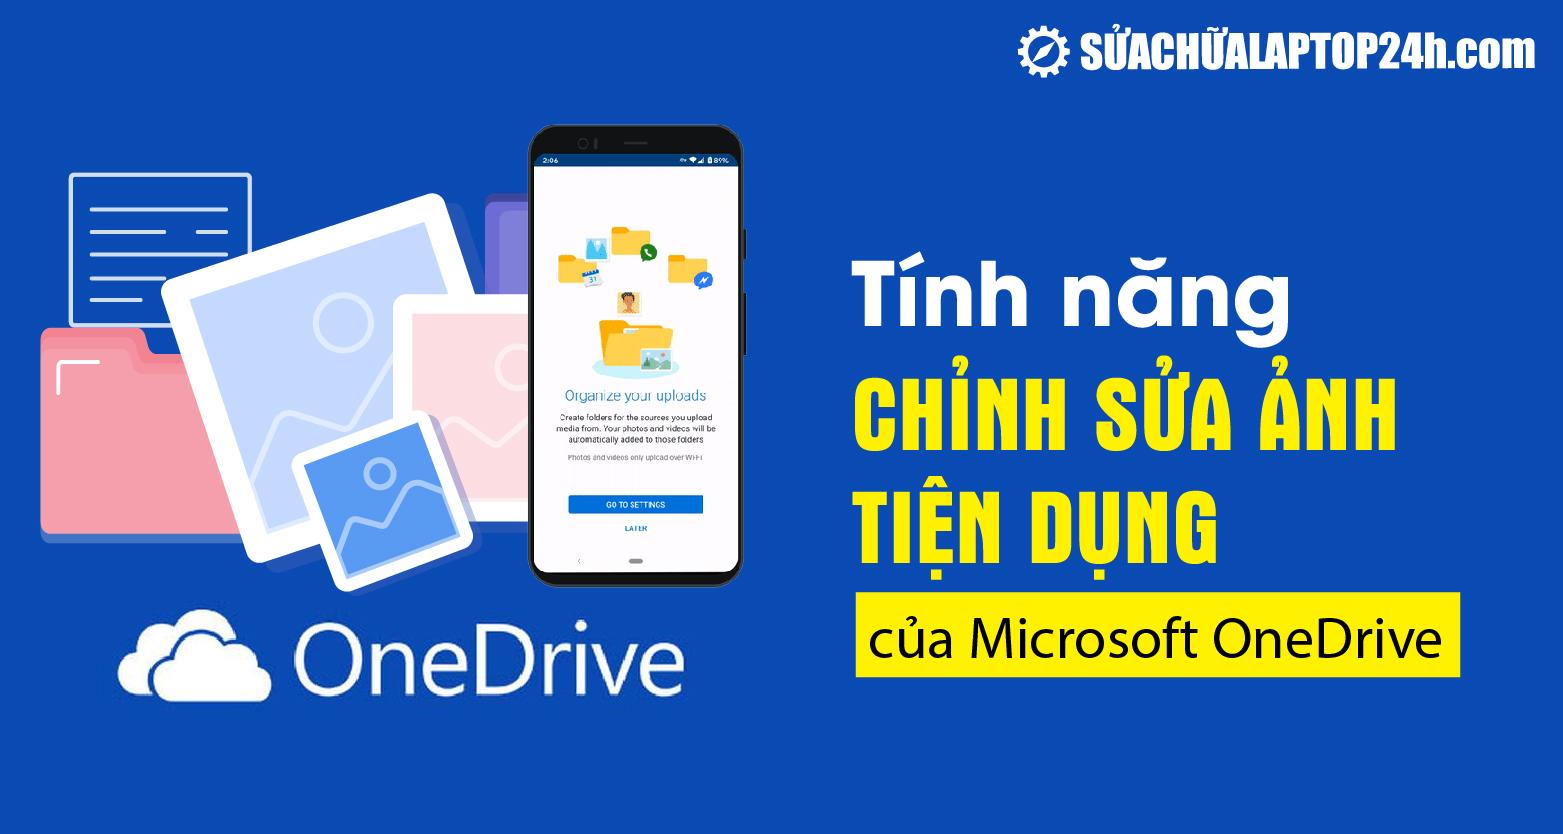 Tính năng chỉnh sửa ảnh mới được Microsoft phát triển trên OneDrive